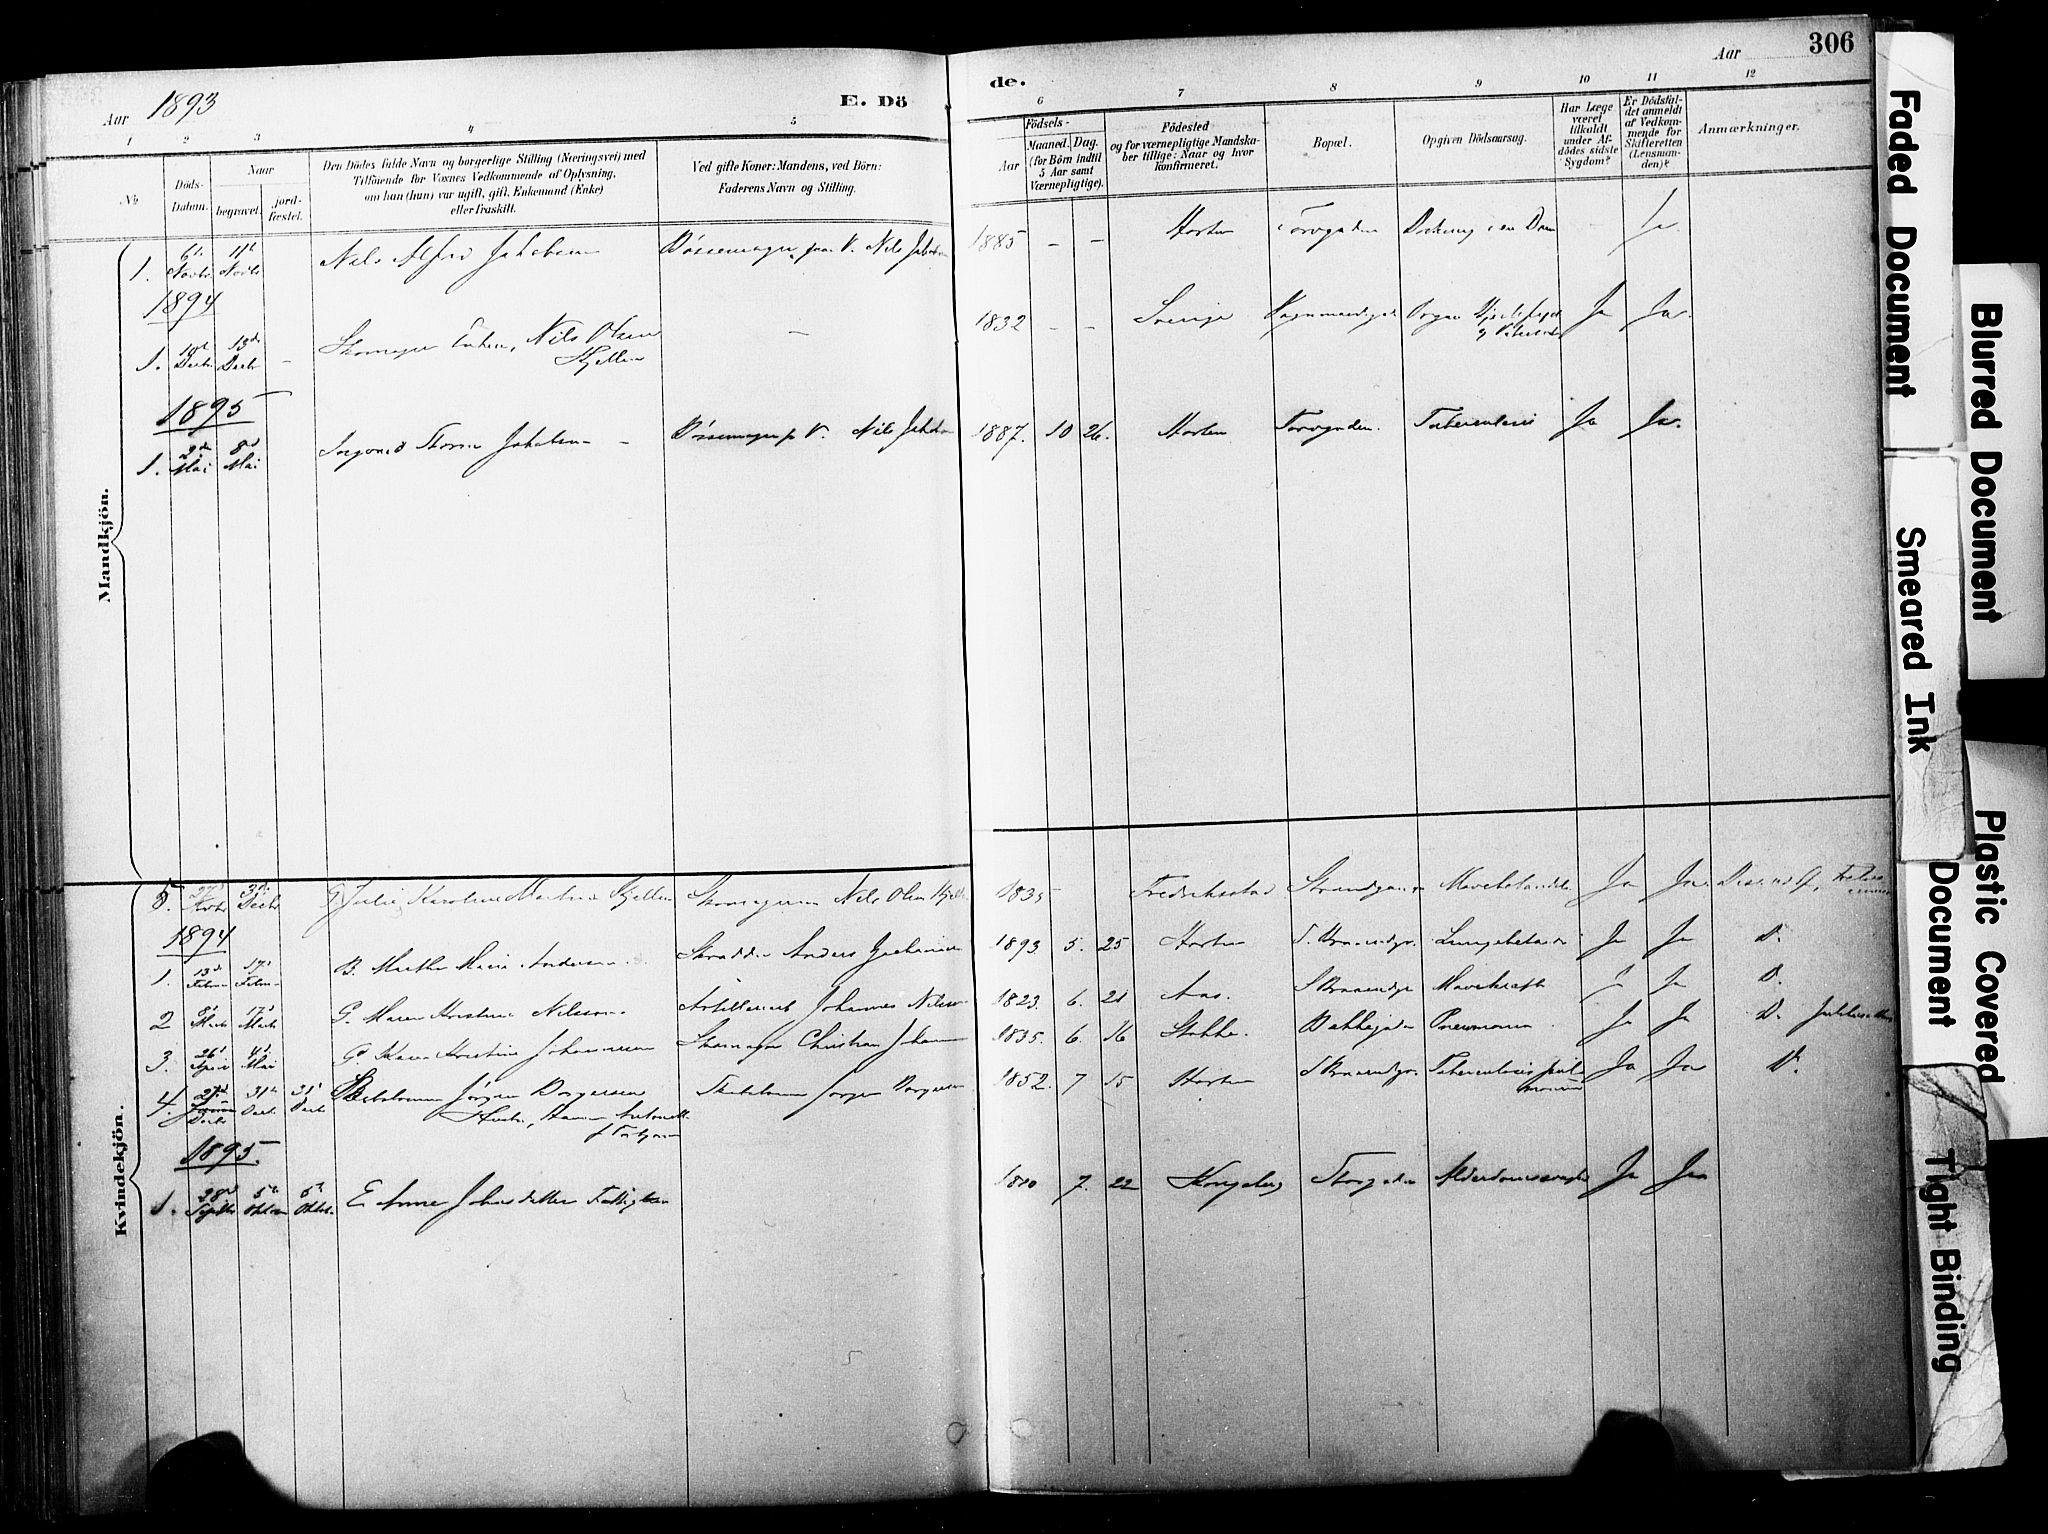 SAKO, Horten kirkebøker, F/Fa/L0004: Ministerialbok nr. 4, 1888-1895, s. 306